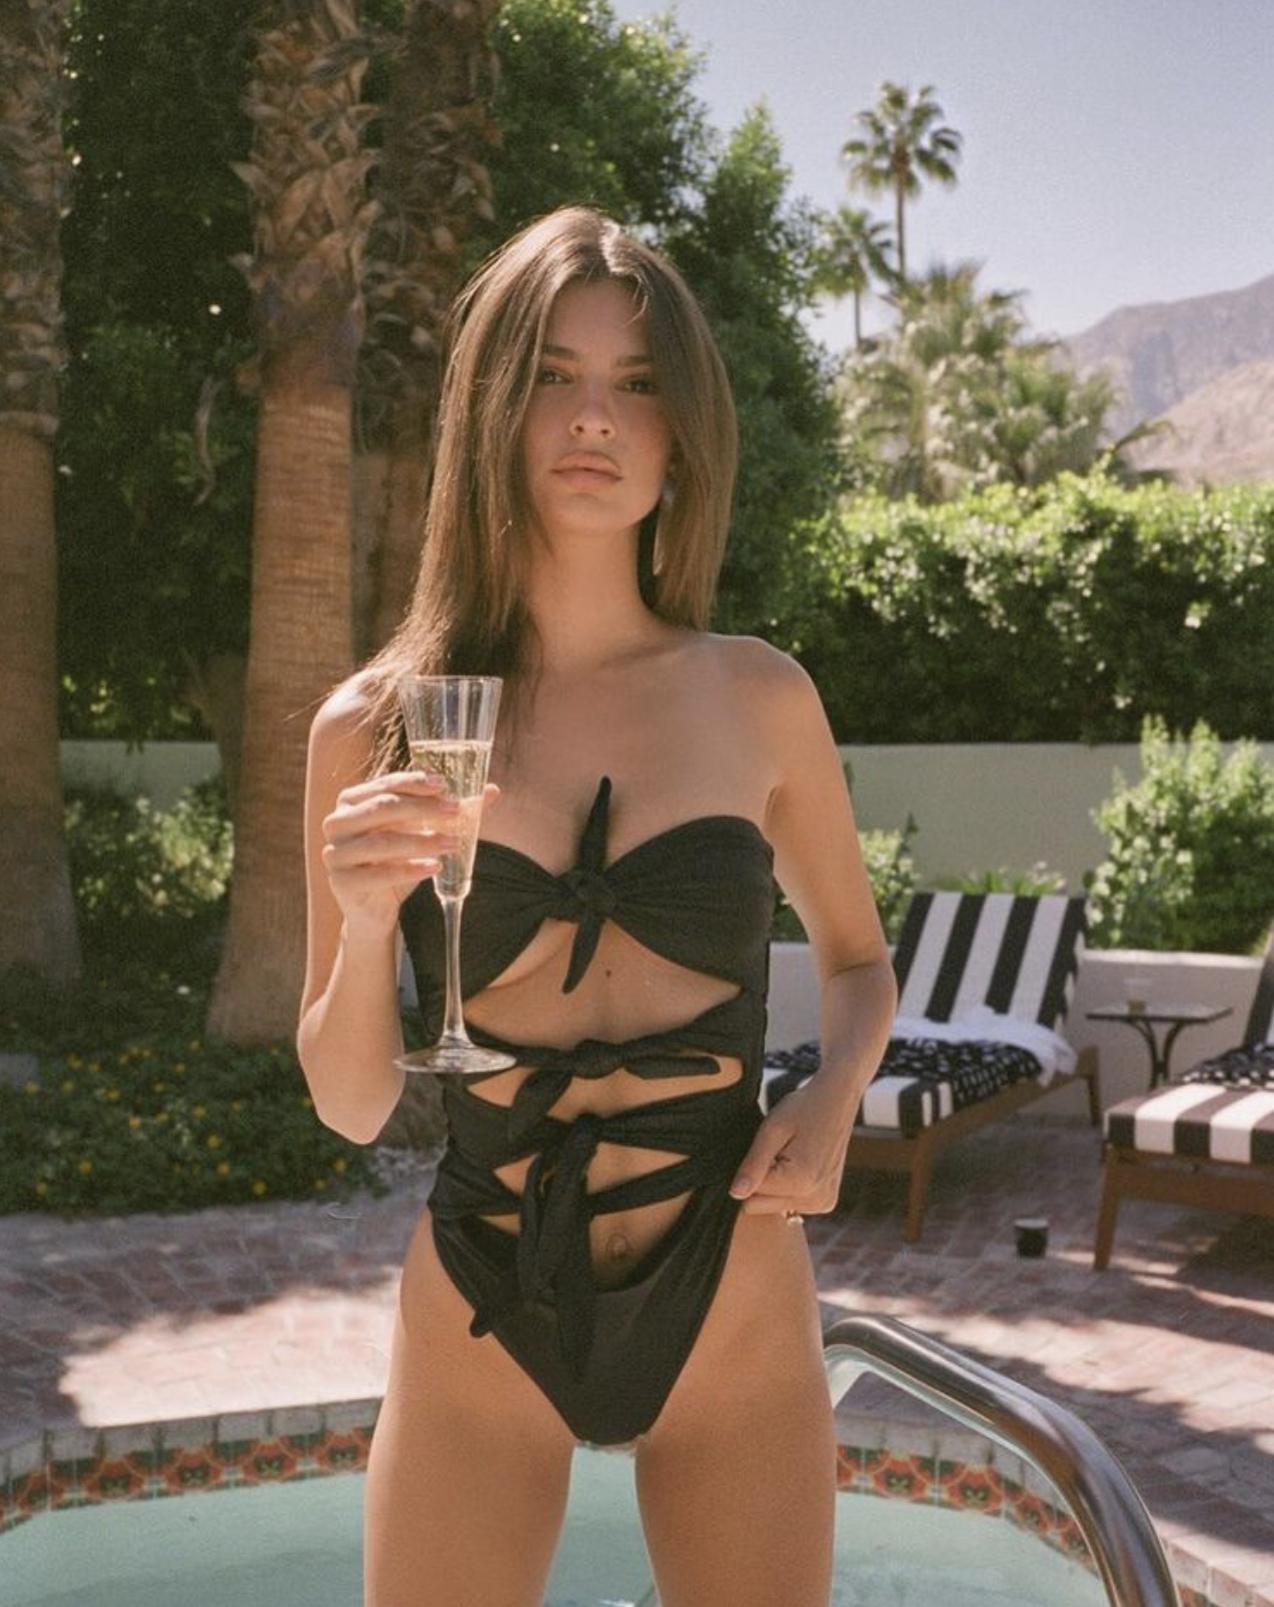 Эмили Ратаковски — королева «Ромы», модель, актриса и одна из самых желанных девушек мира